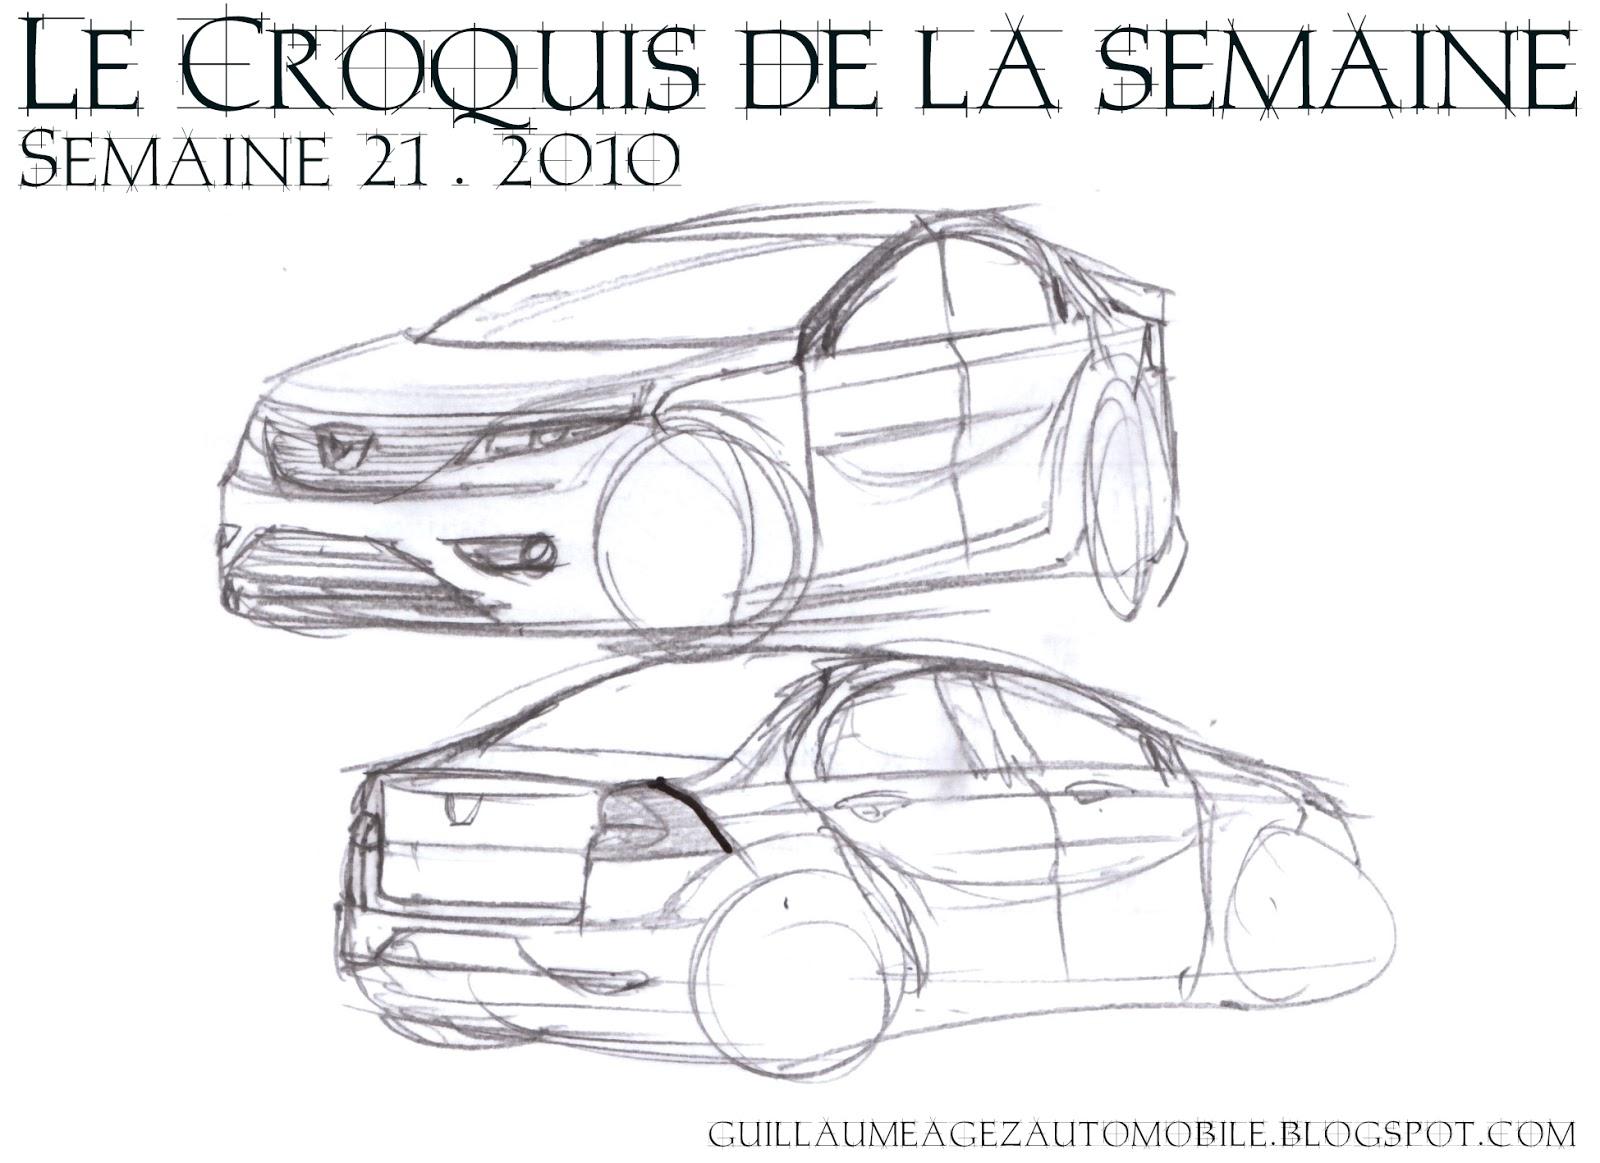 Guillaume Agez Automobile Le Croquis De La Semaine 21